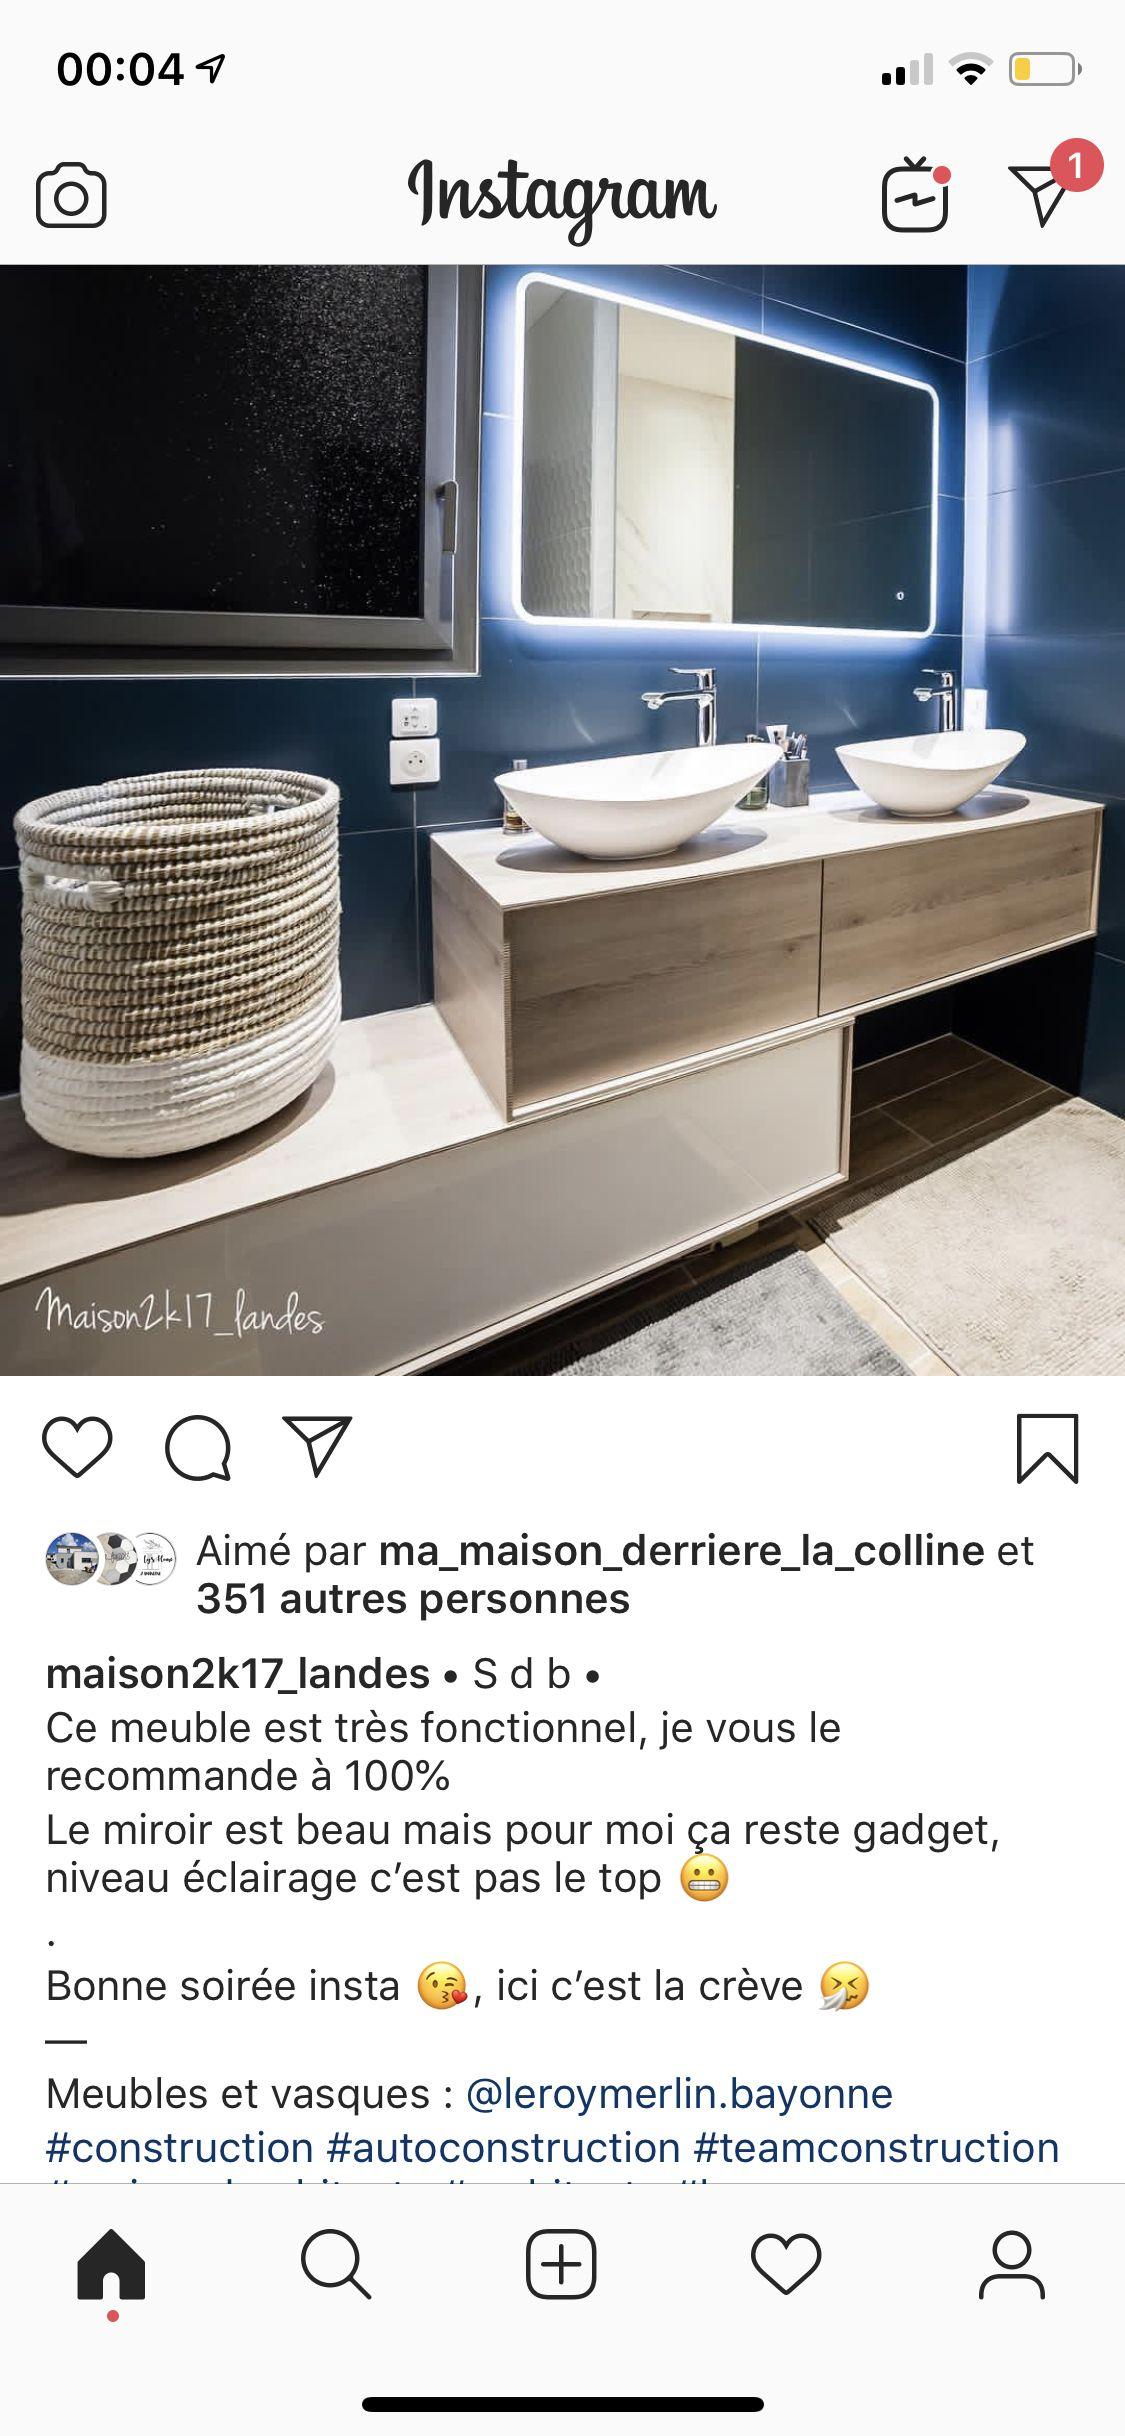 Long Tiroirs Leroy Merlin Sdb Gamme Neo Idees Pour La Maison Mobilier De Salon Meuble